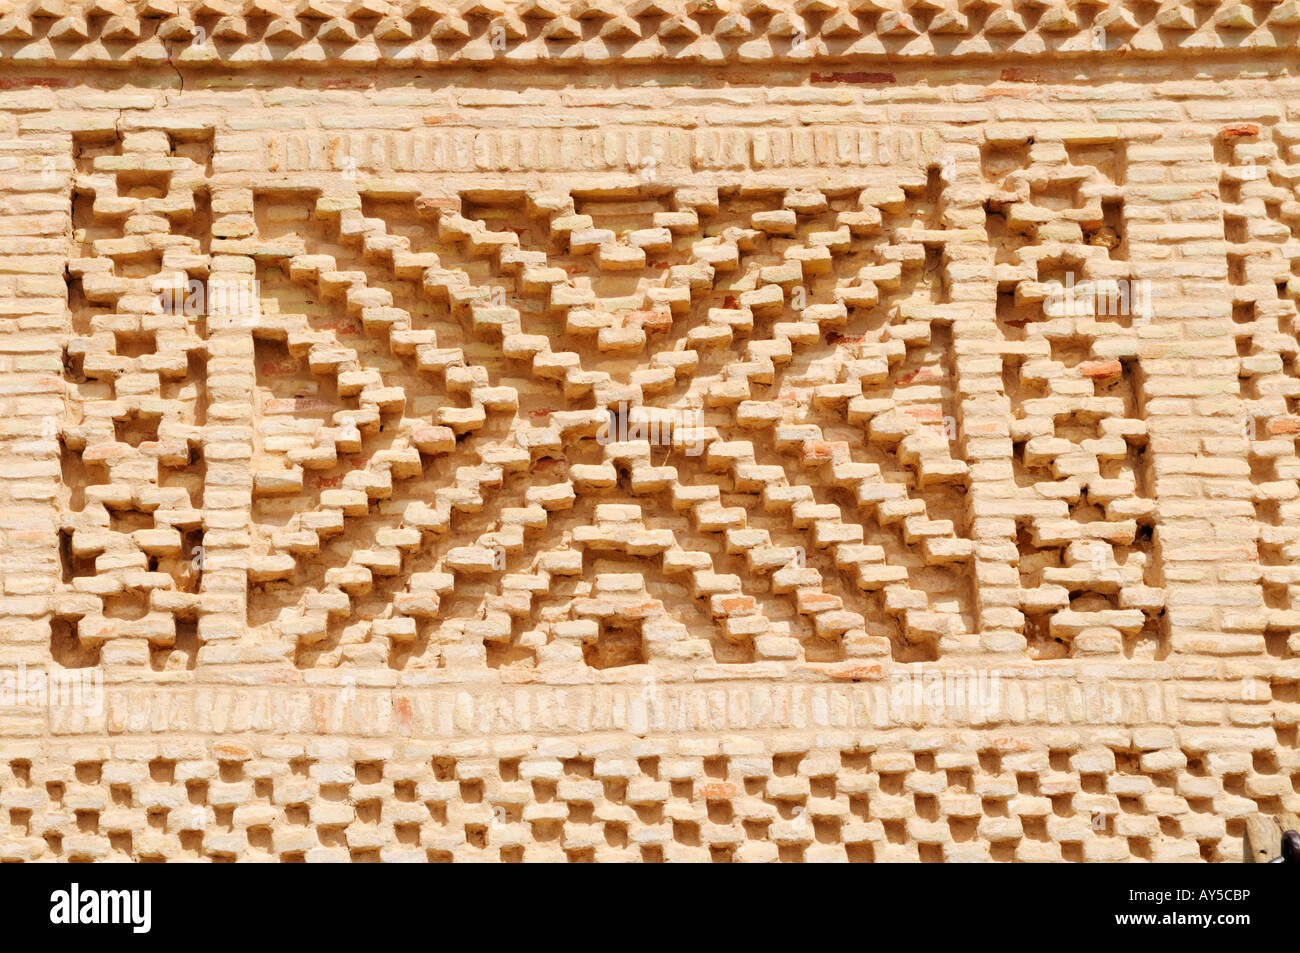 Patterned Brickwork, Nefta Tunisia - Stock Image